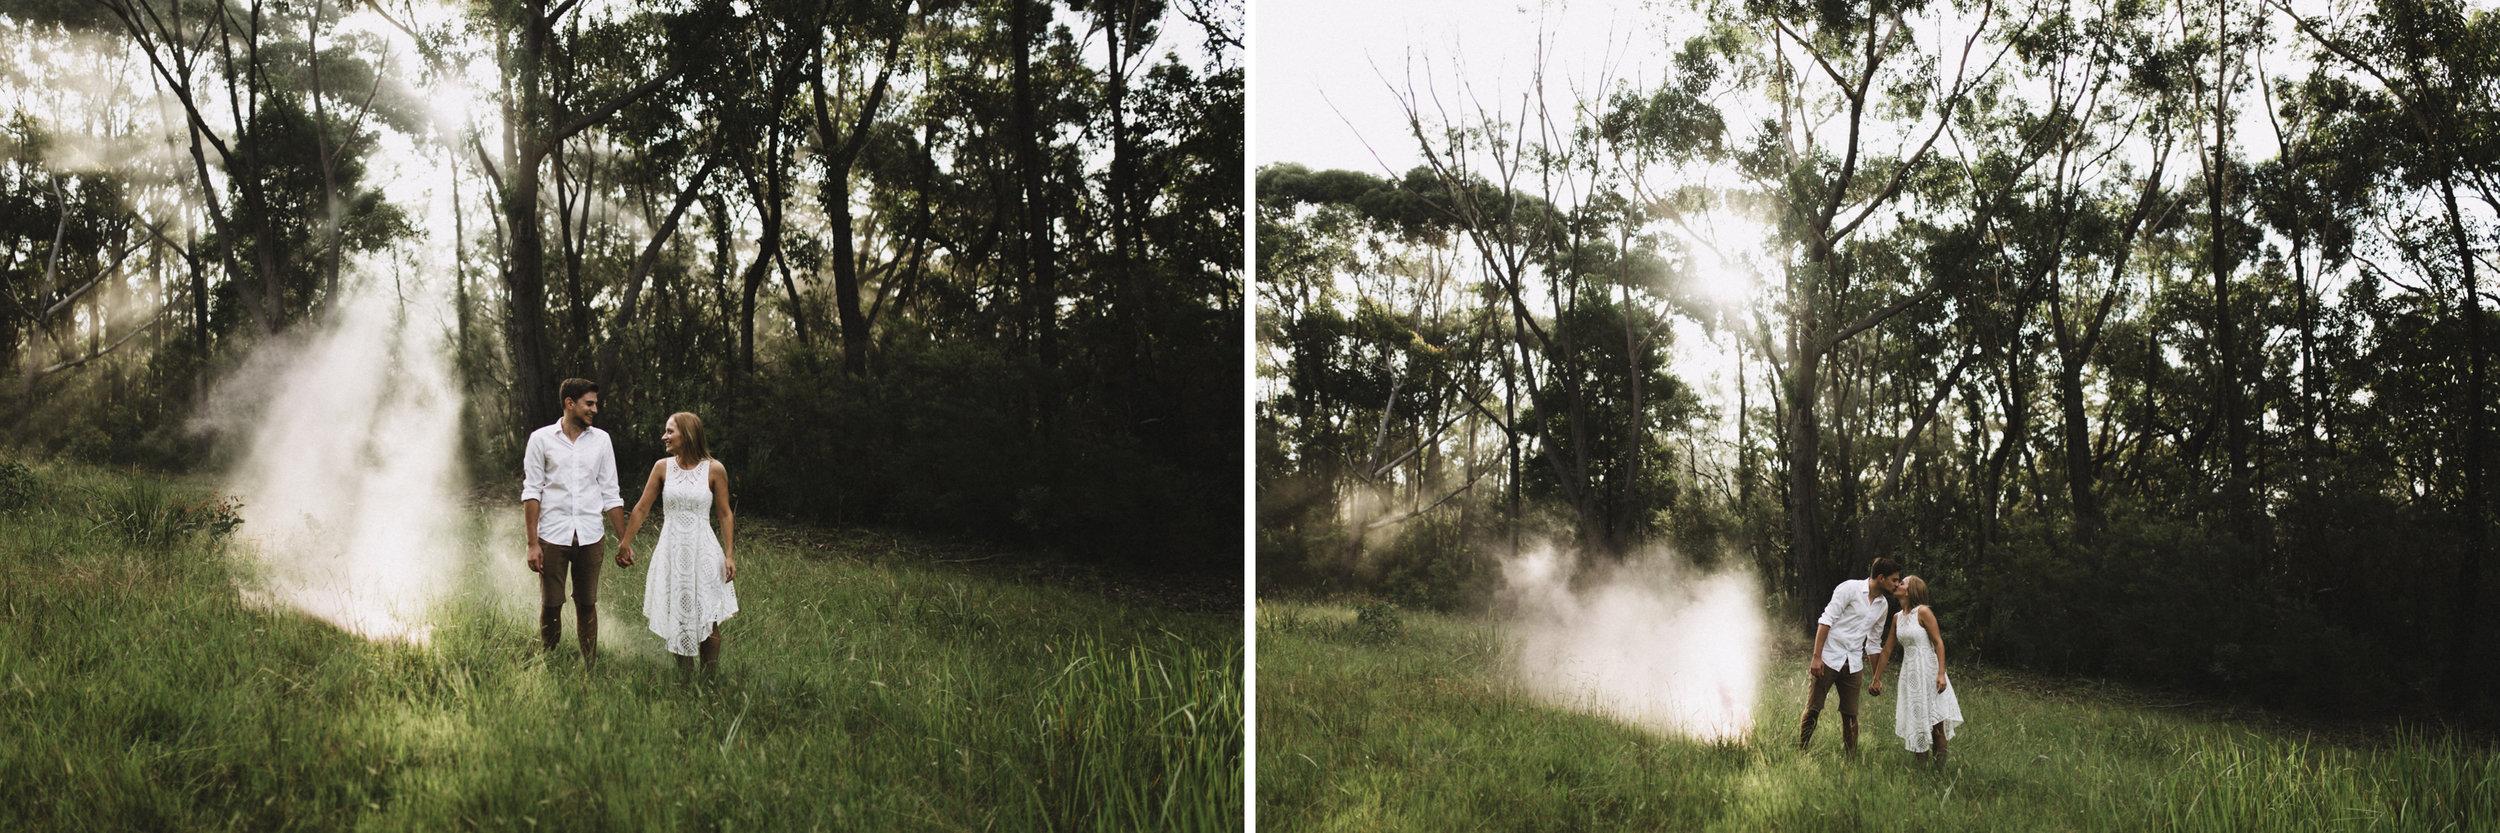 ElizaJadePhotography-17.jpg